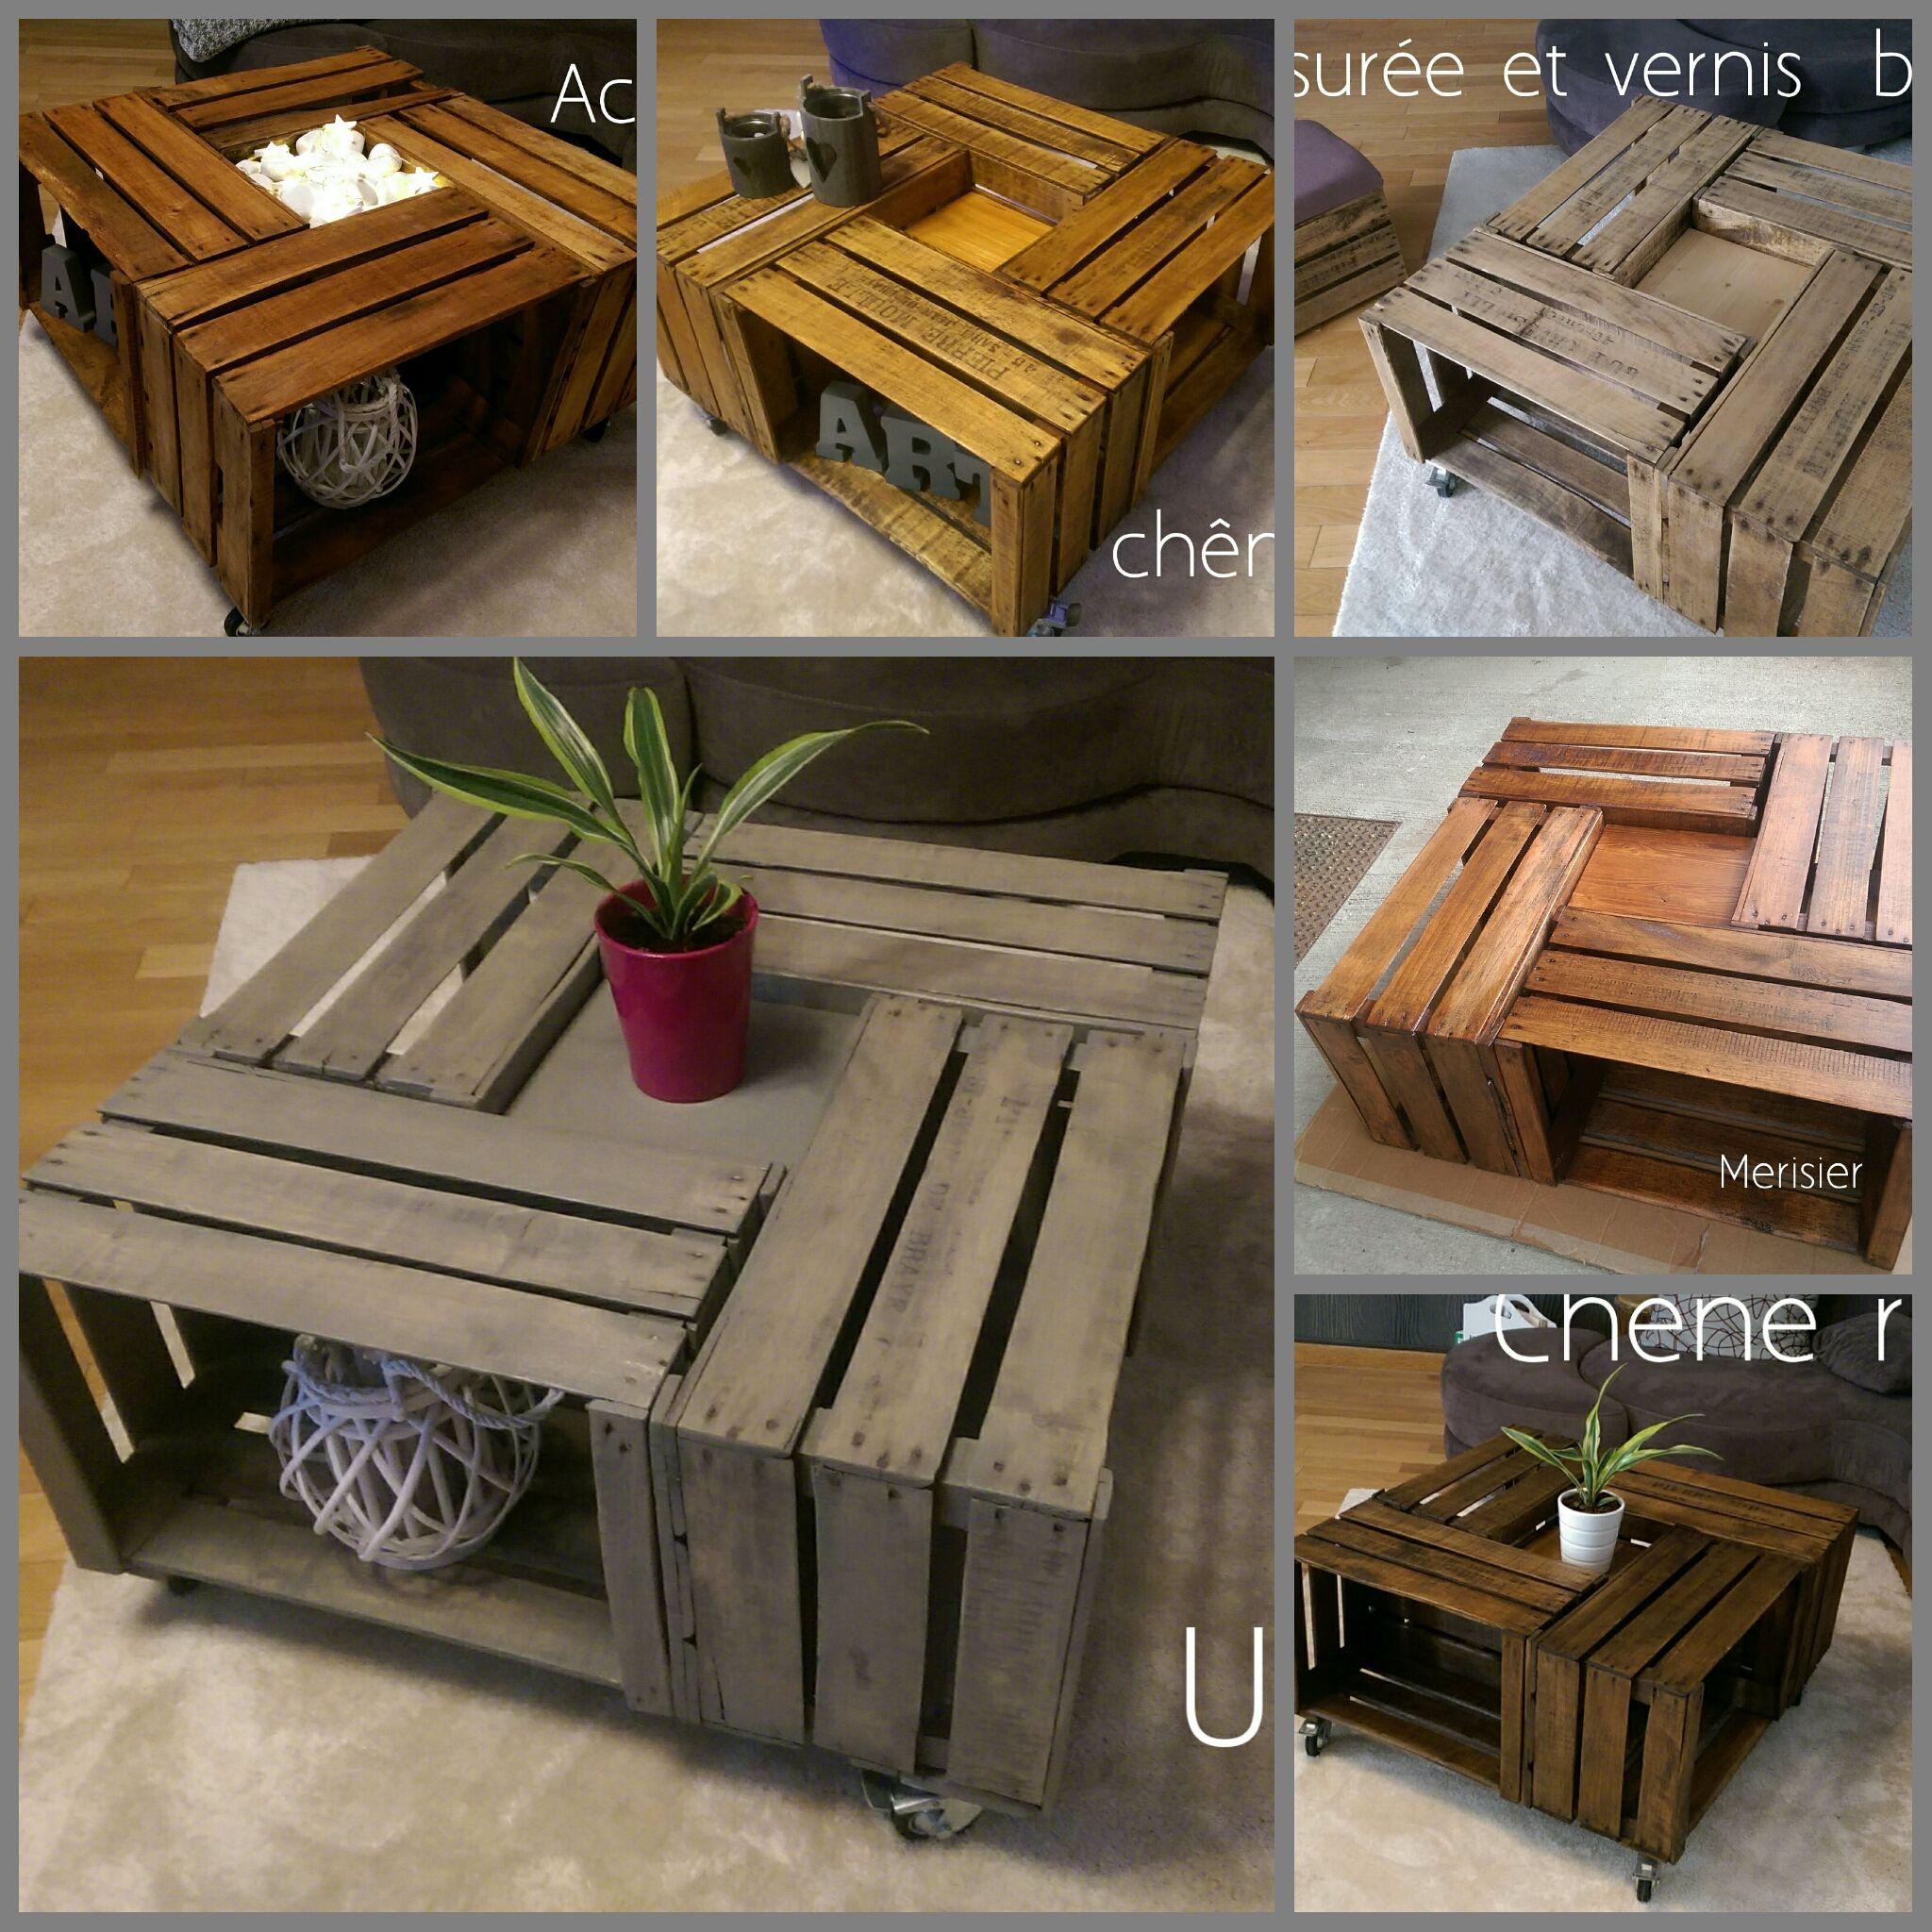 Pin De Adopteunecaisse Diy En Table 4 Caisses Pommes By Adopteunecaisse Muebles De Pales De Madera Muebles De Pales Pales De Madera